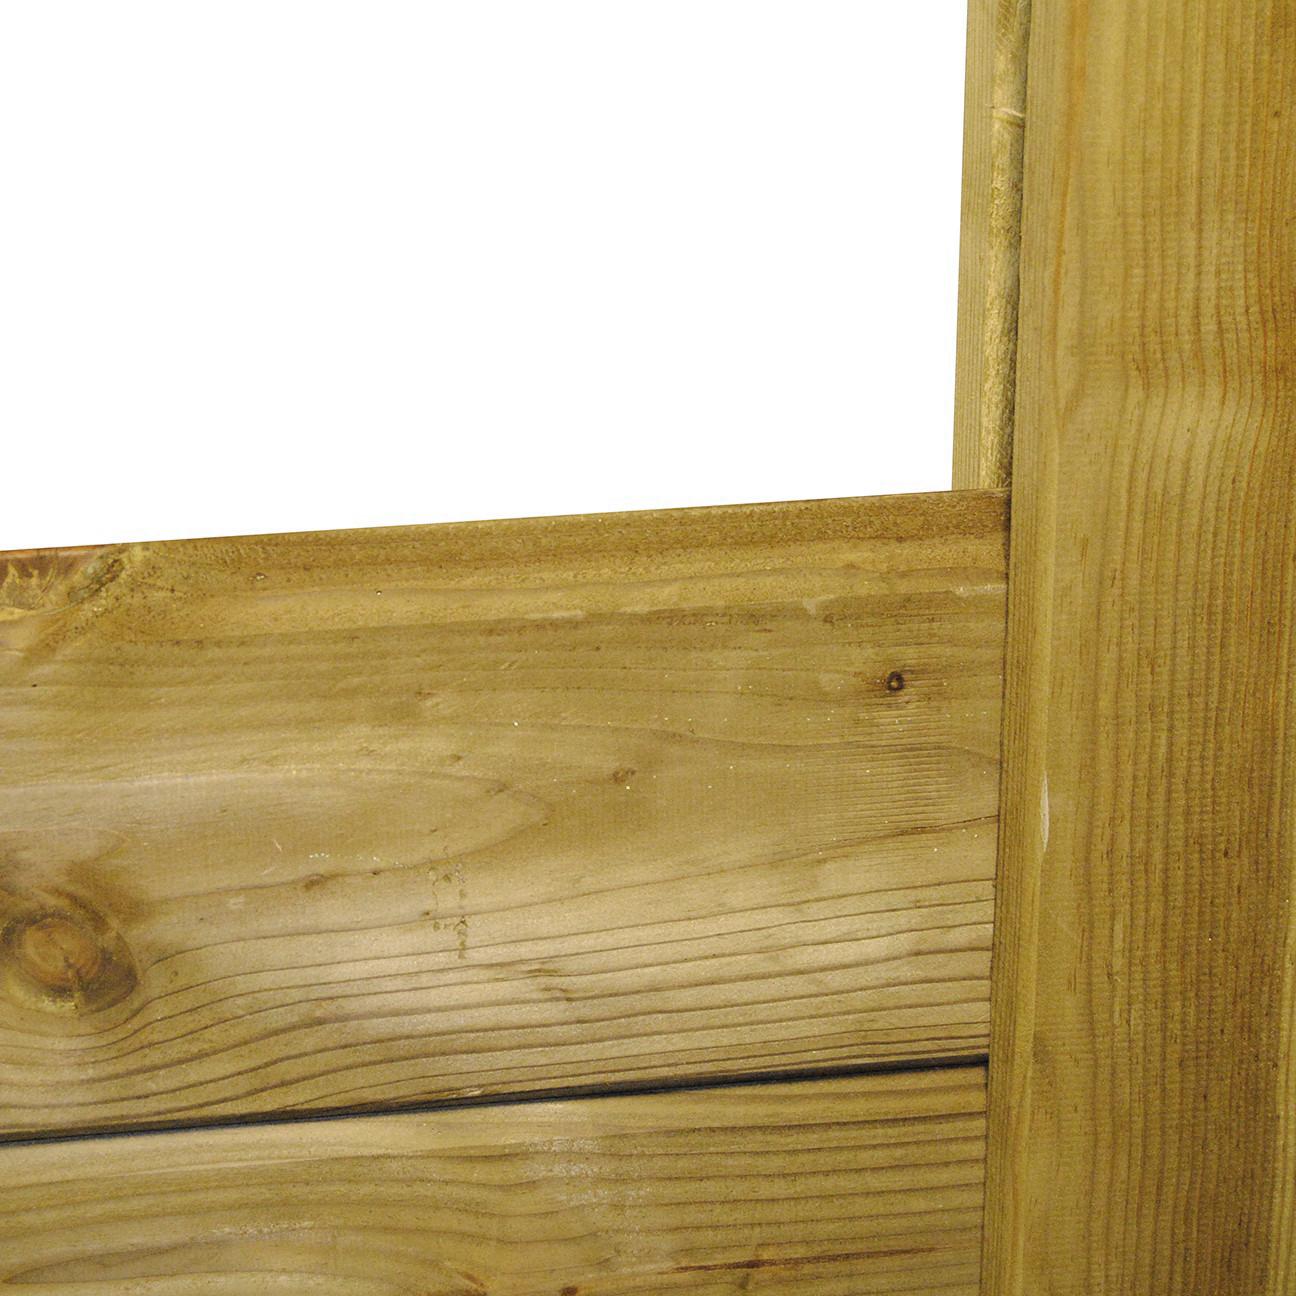 Bois Pour Exterieur Classe 4 poteau d'angle clôture bois 9x9 cm l. 2,00 m